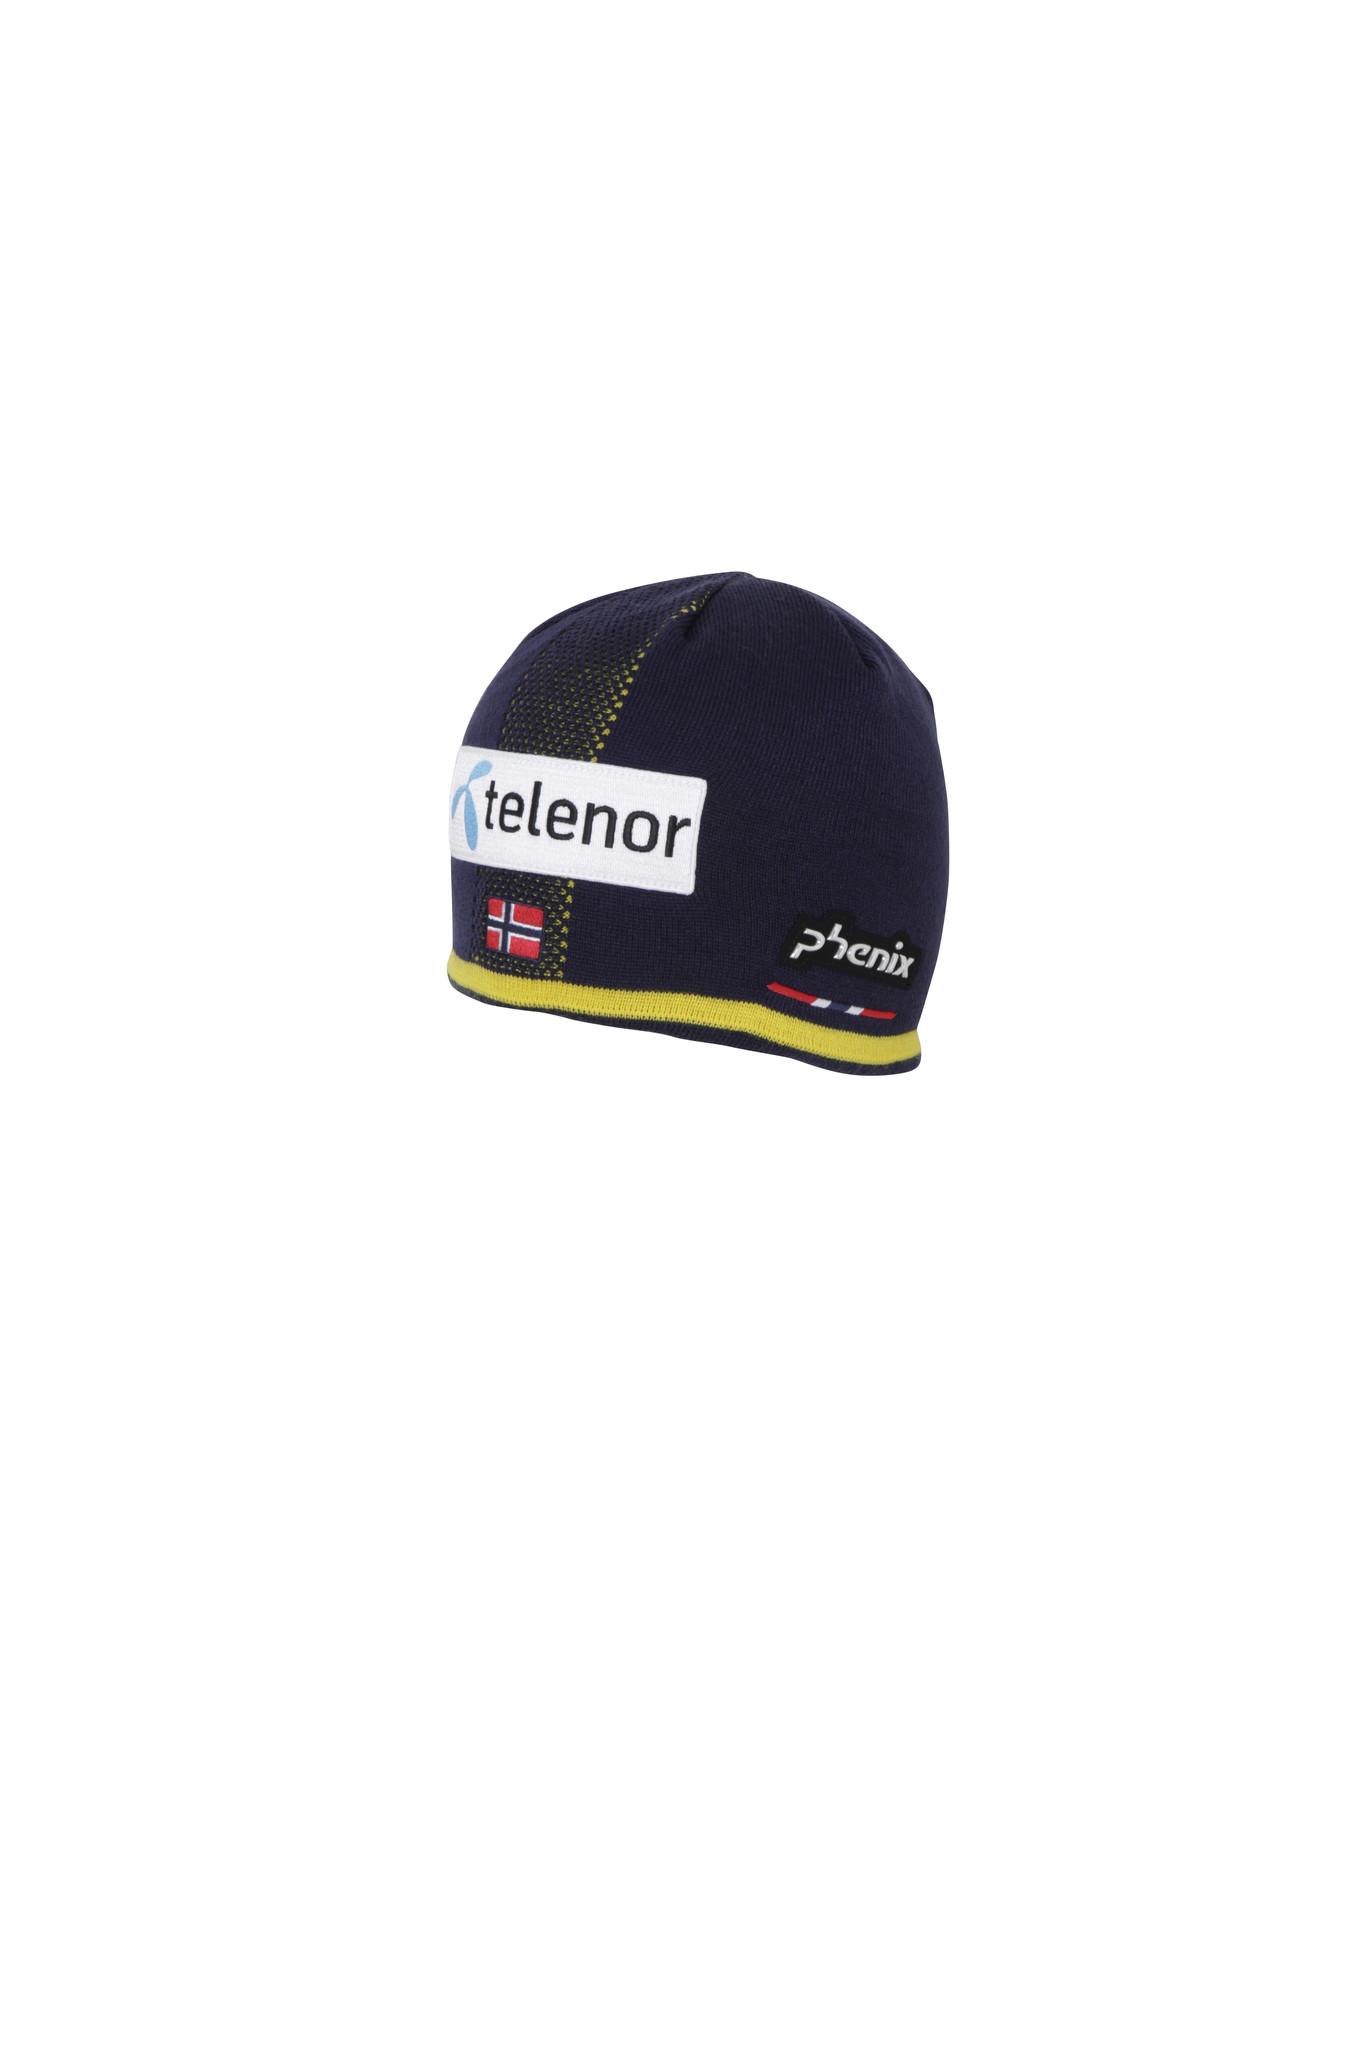 PHENIX Norway Alpine Team Junior Watch Cap